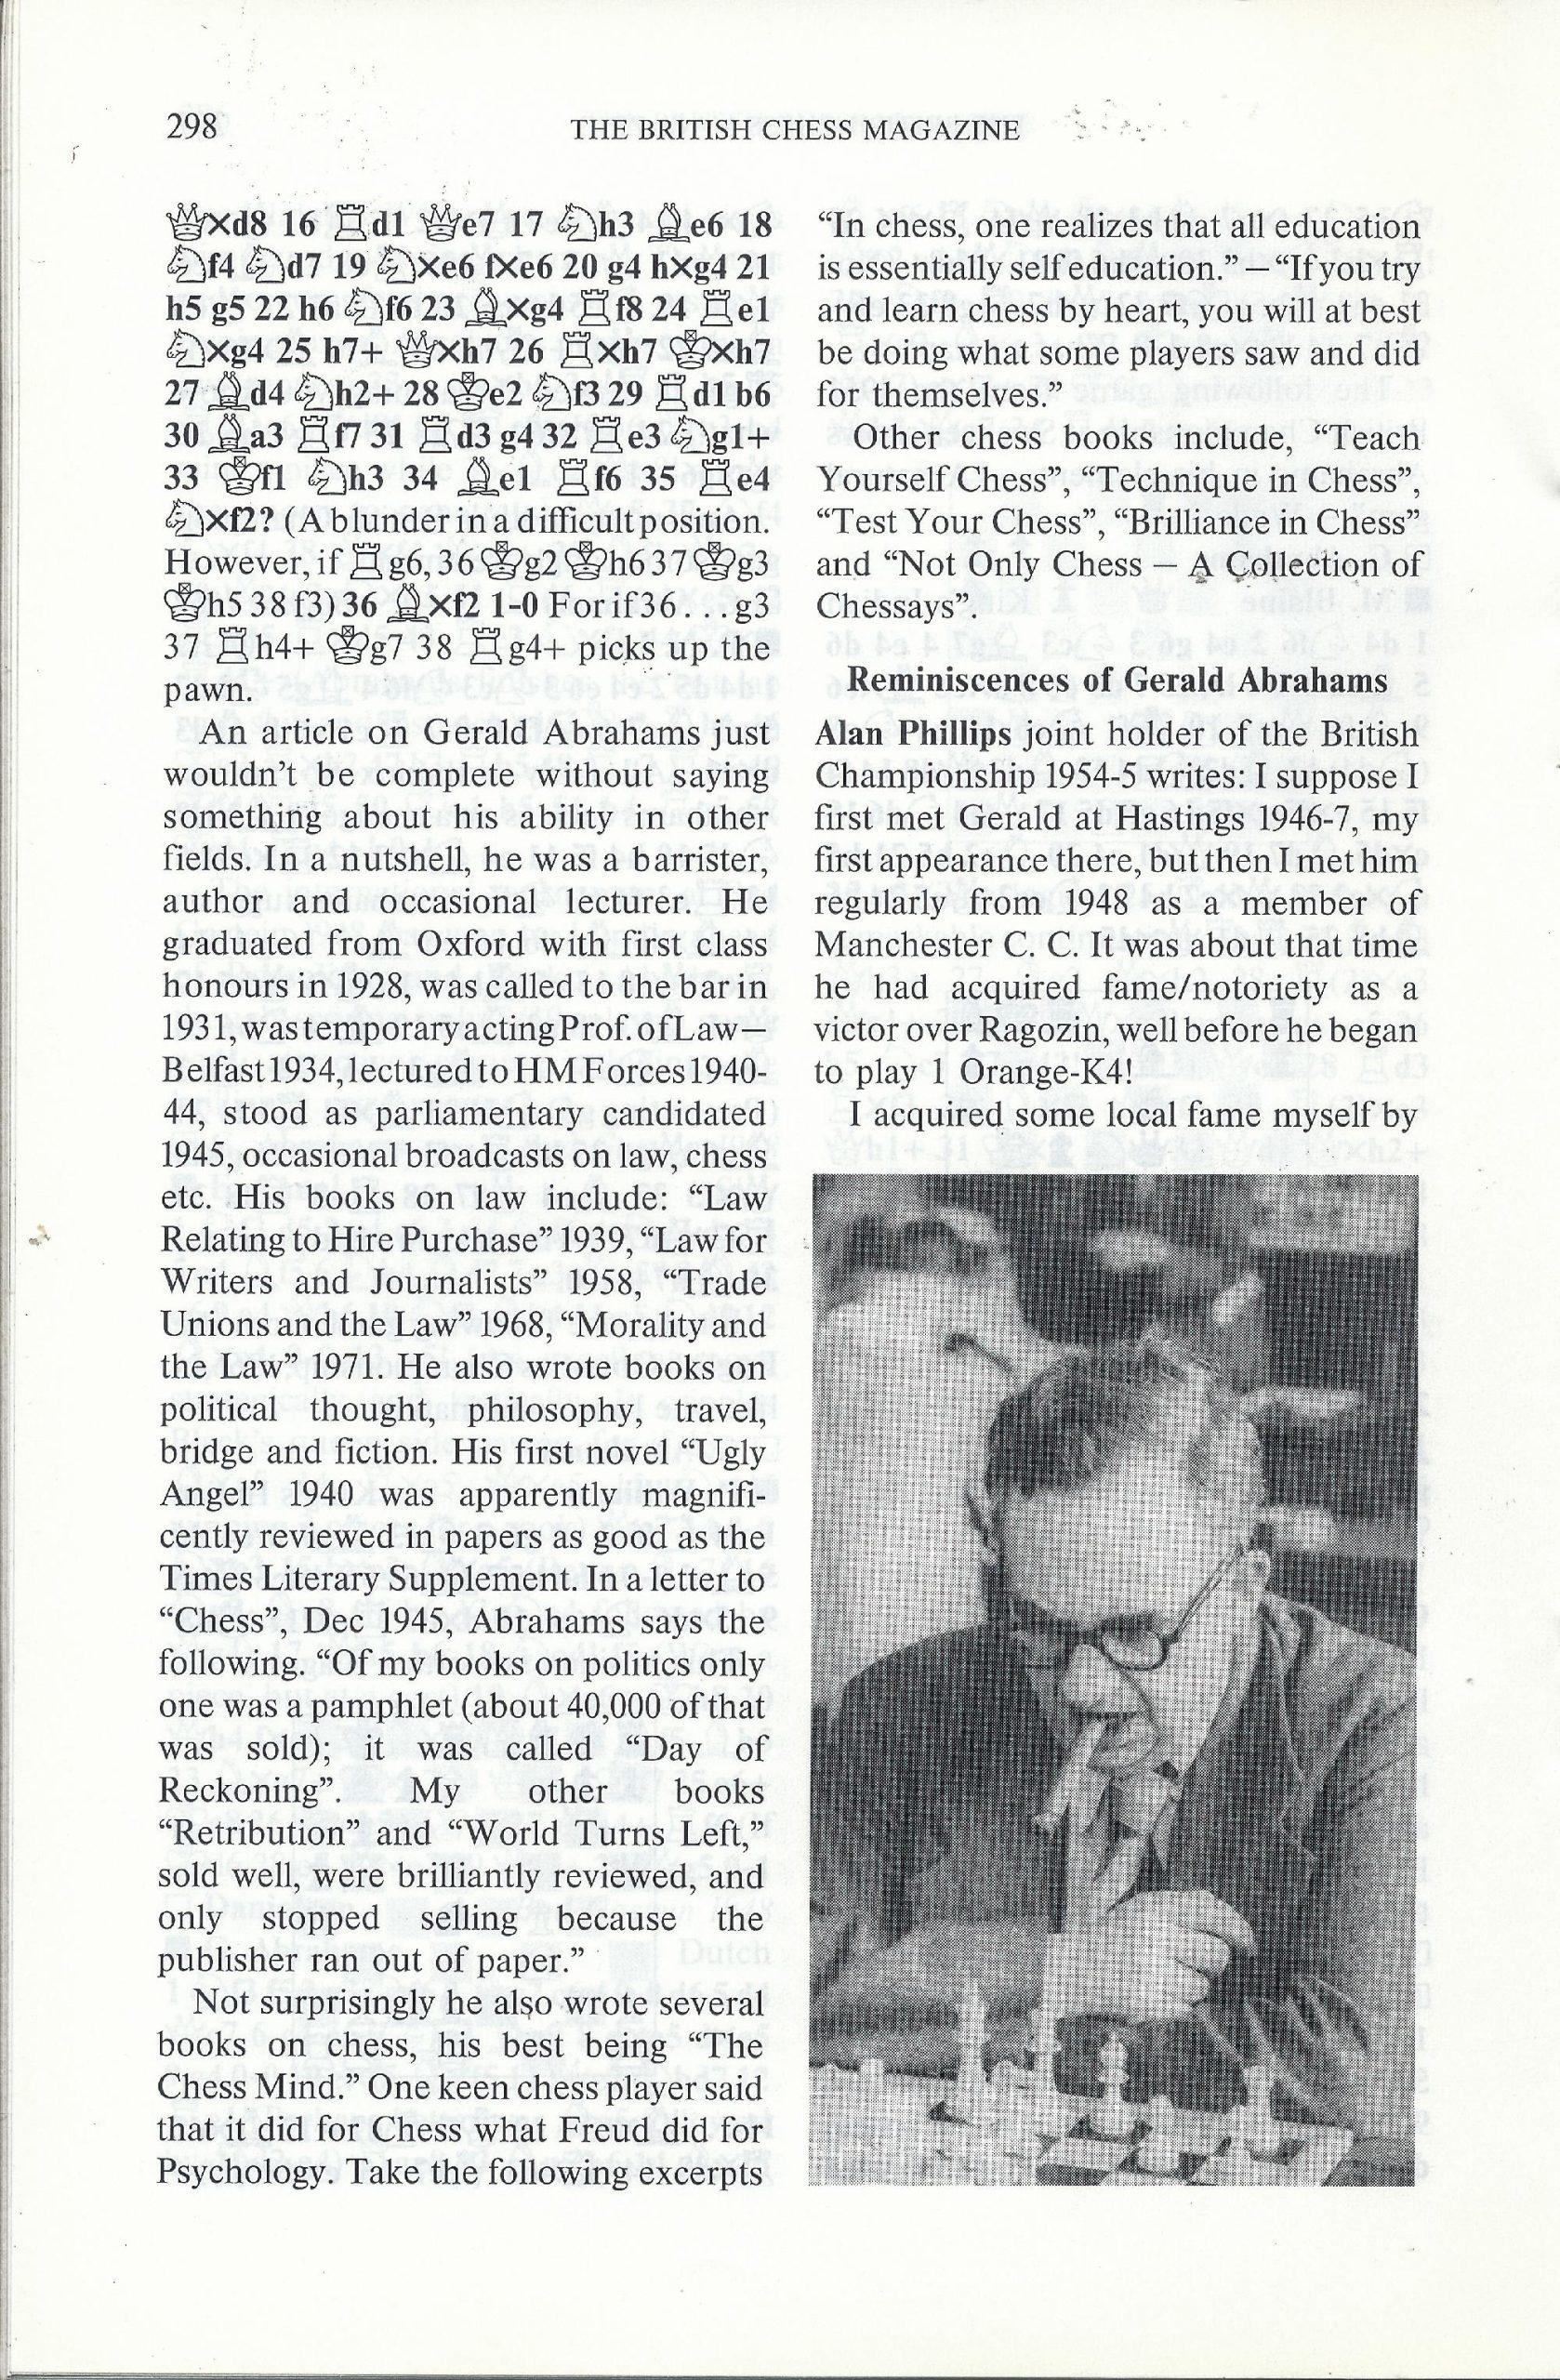 British Chess Magazine, Volume CVIII (1988), Number 7 (July), pp. 298